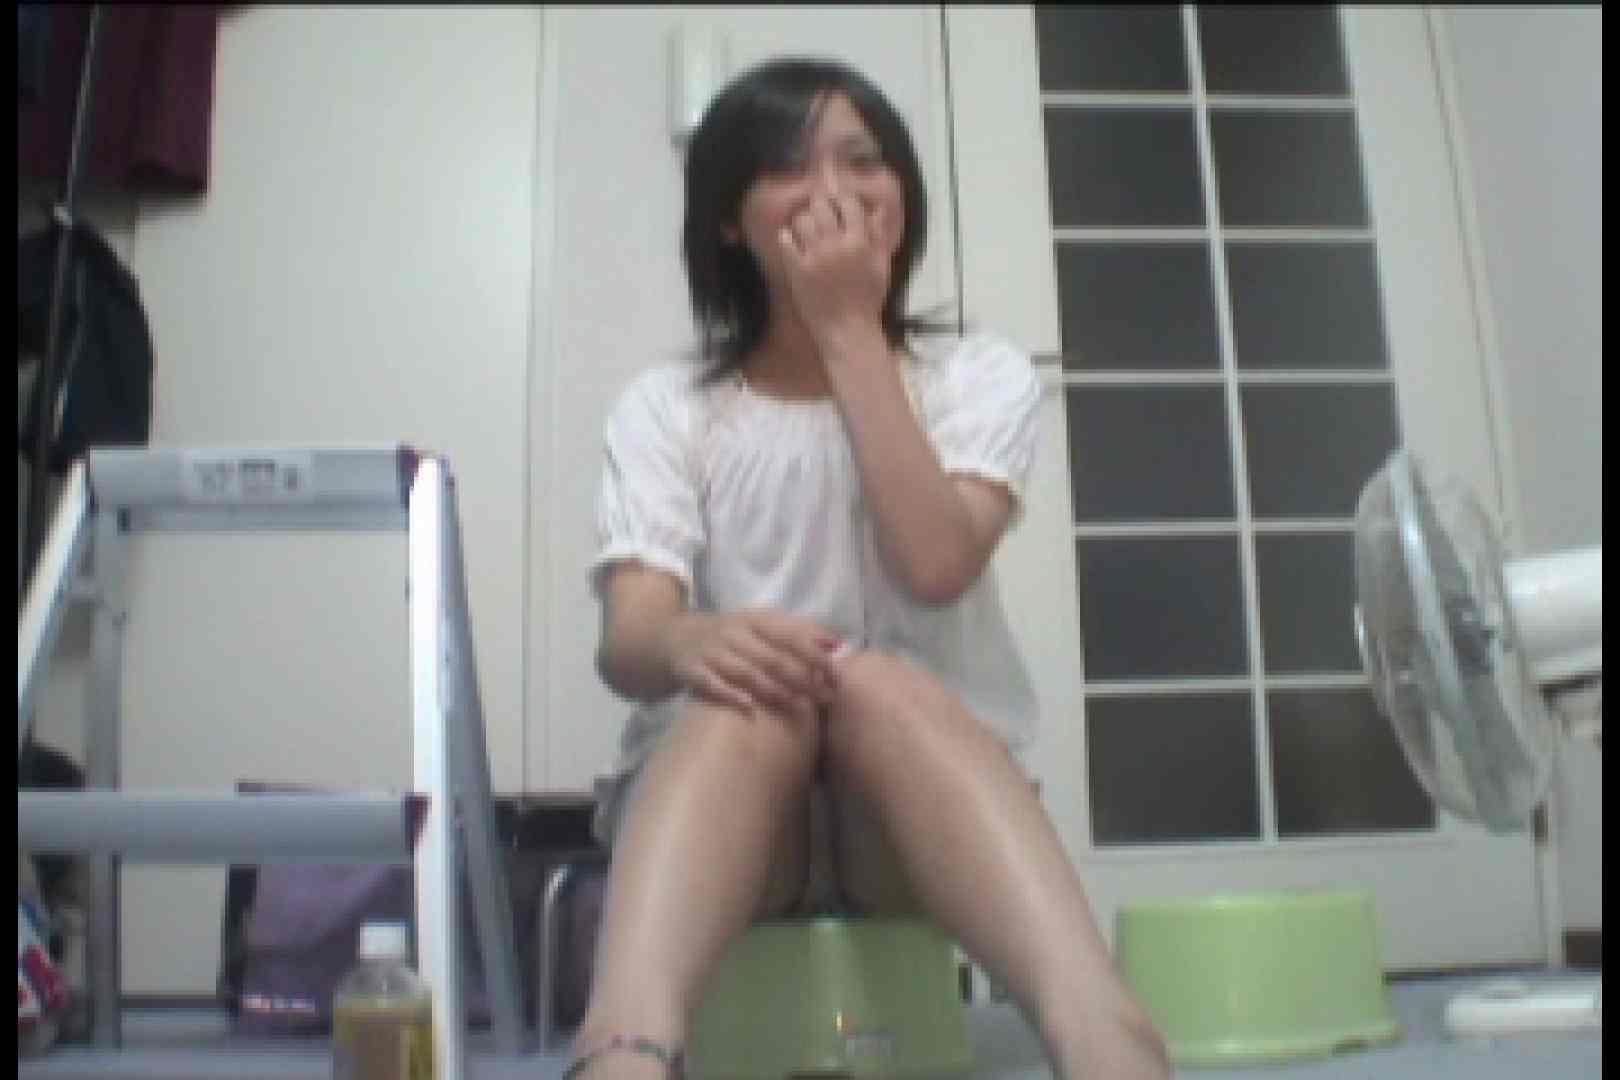 パンツ売りの女の子 むみちゃんvol.1 OLの裸事情 | 一般投稿  93枚 17